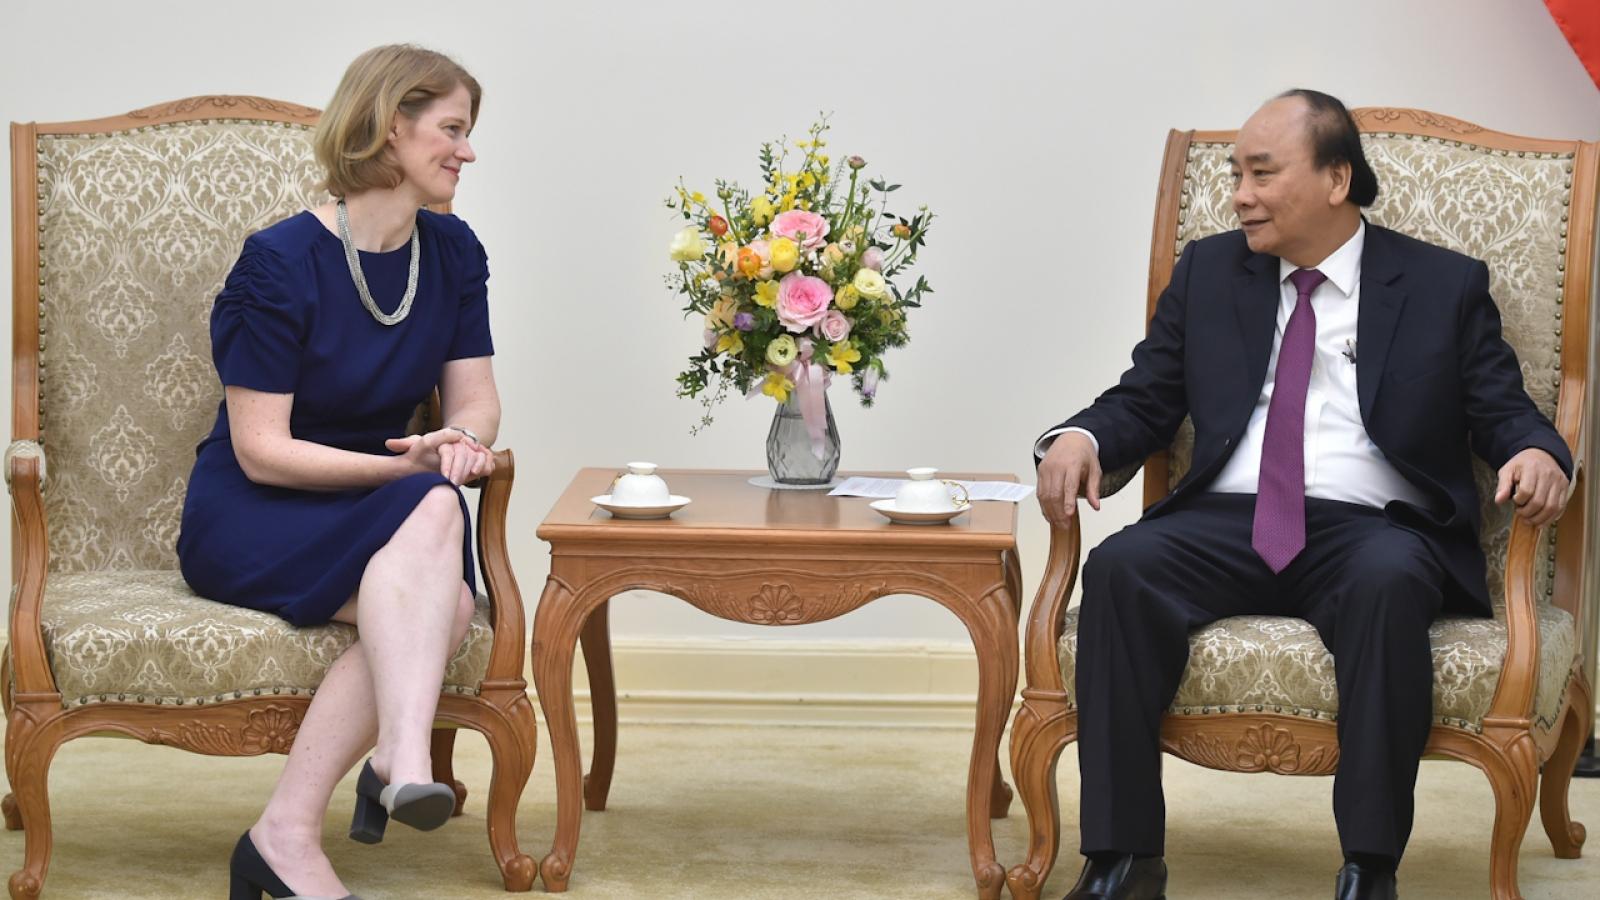 Thủ tướng tiếp Đại sứ New Zealand tại Việt Nam chào từ biệt